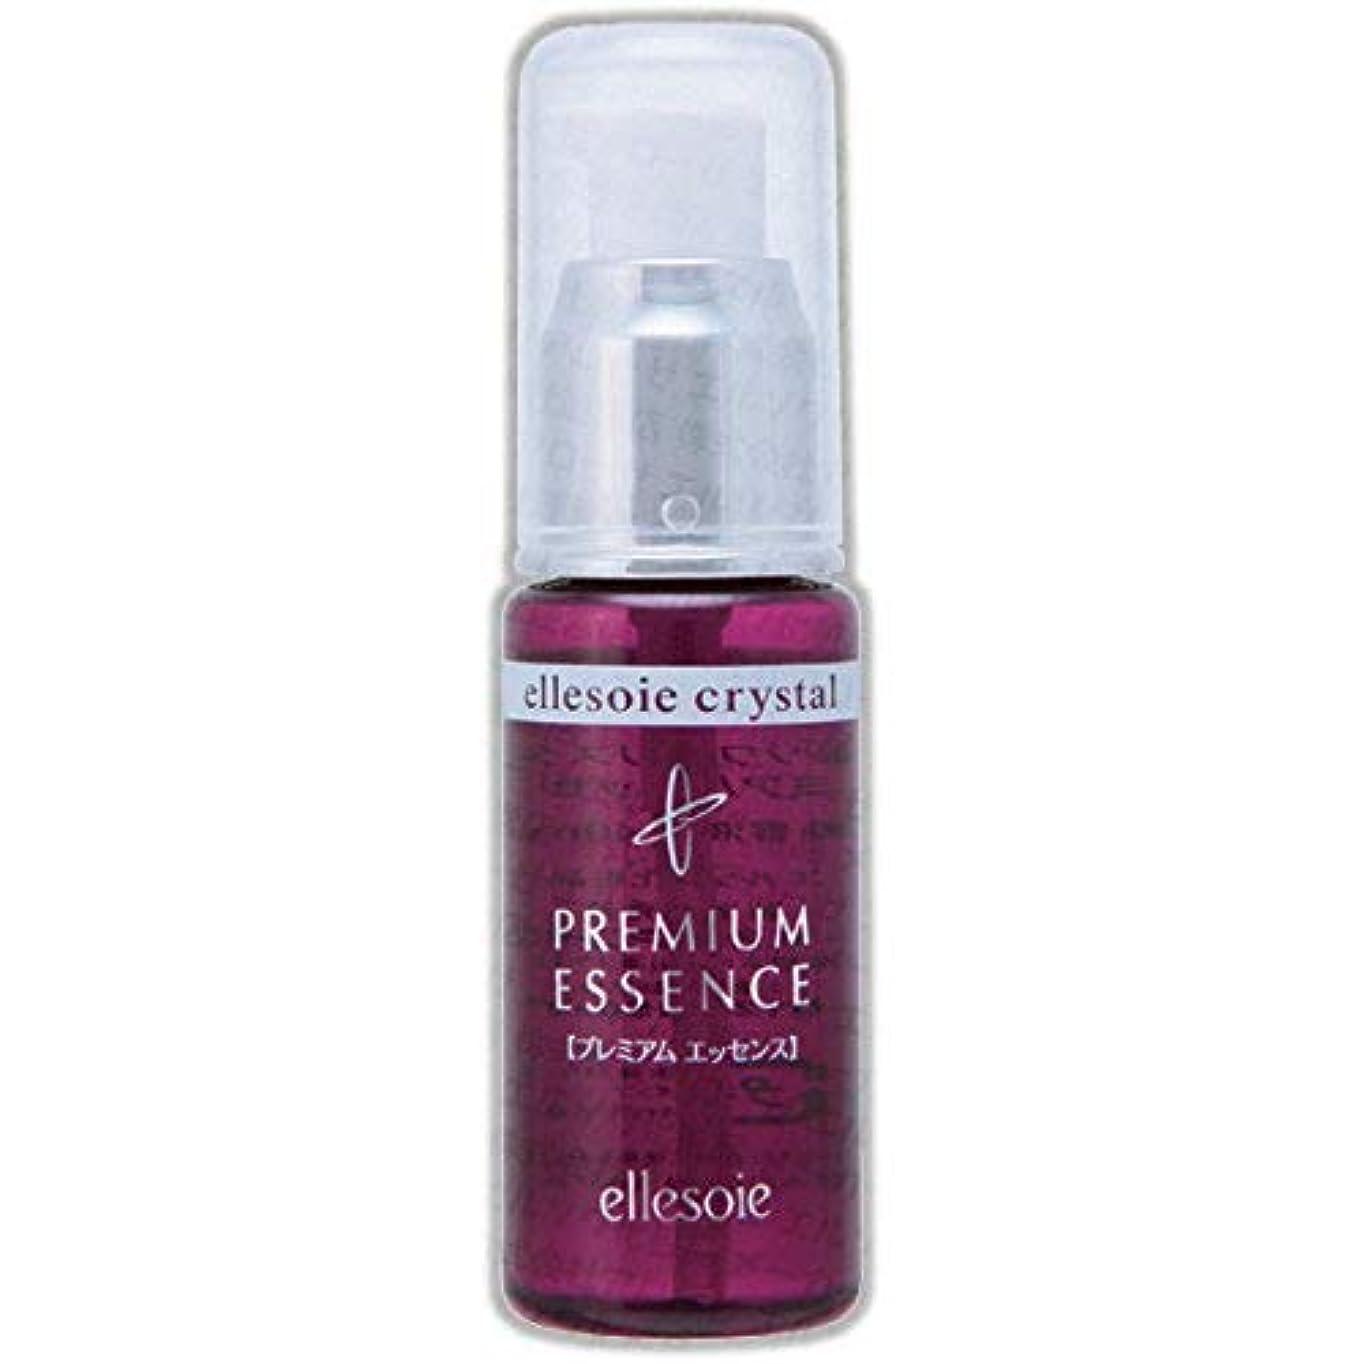 エルソワ化粧品(ellesoie) クリスタル プレミアムエッセンス 美容液